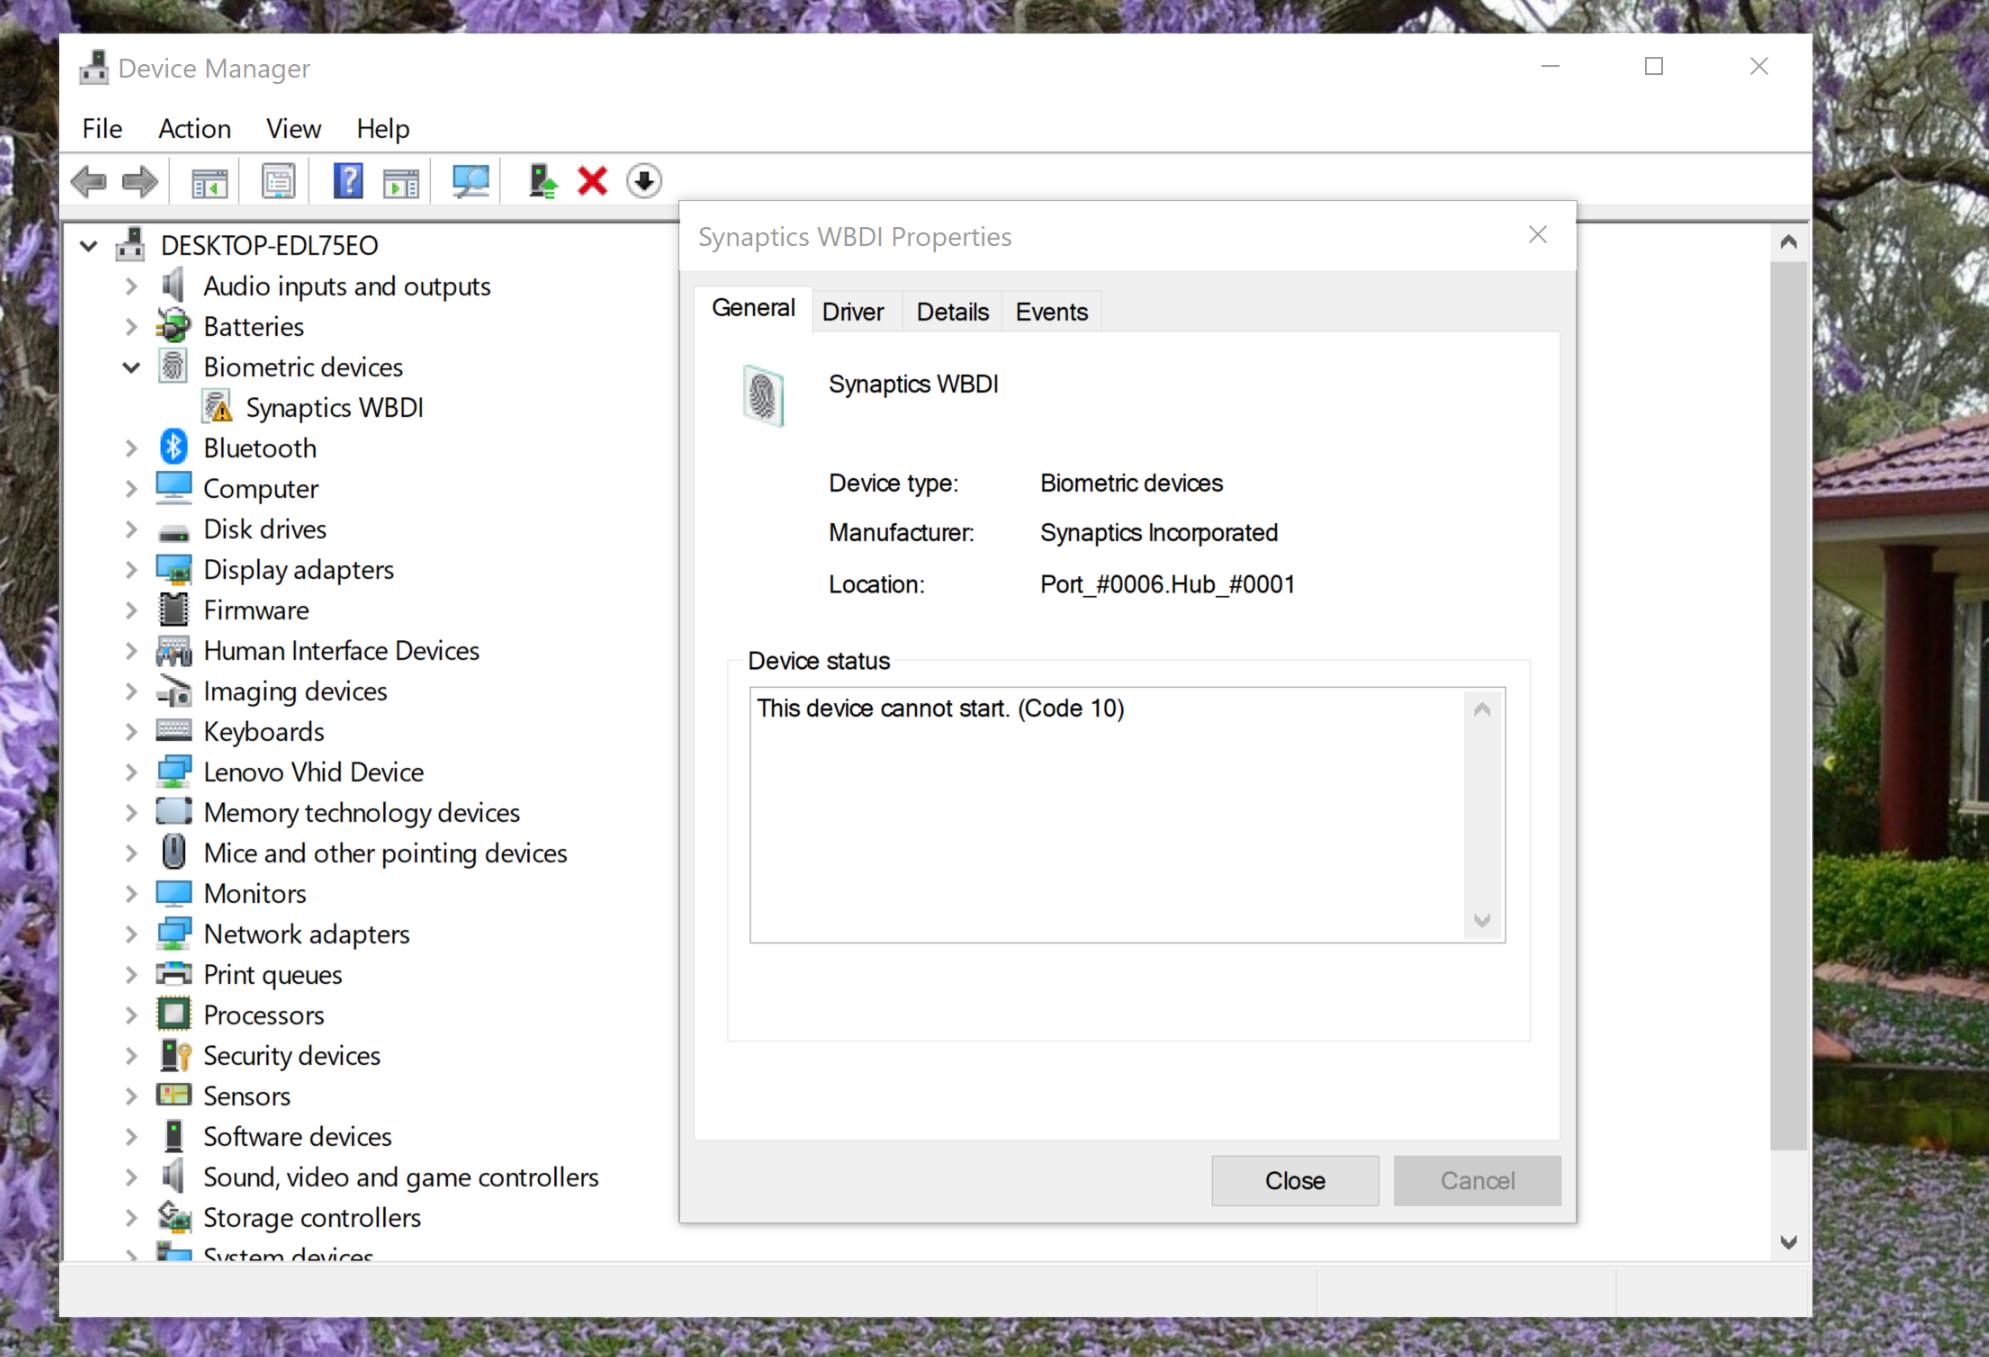 Windows Hello and Fingerprint scanner not working on Lenovo